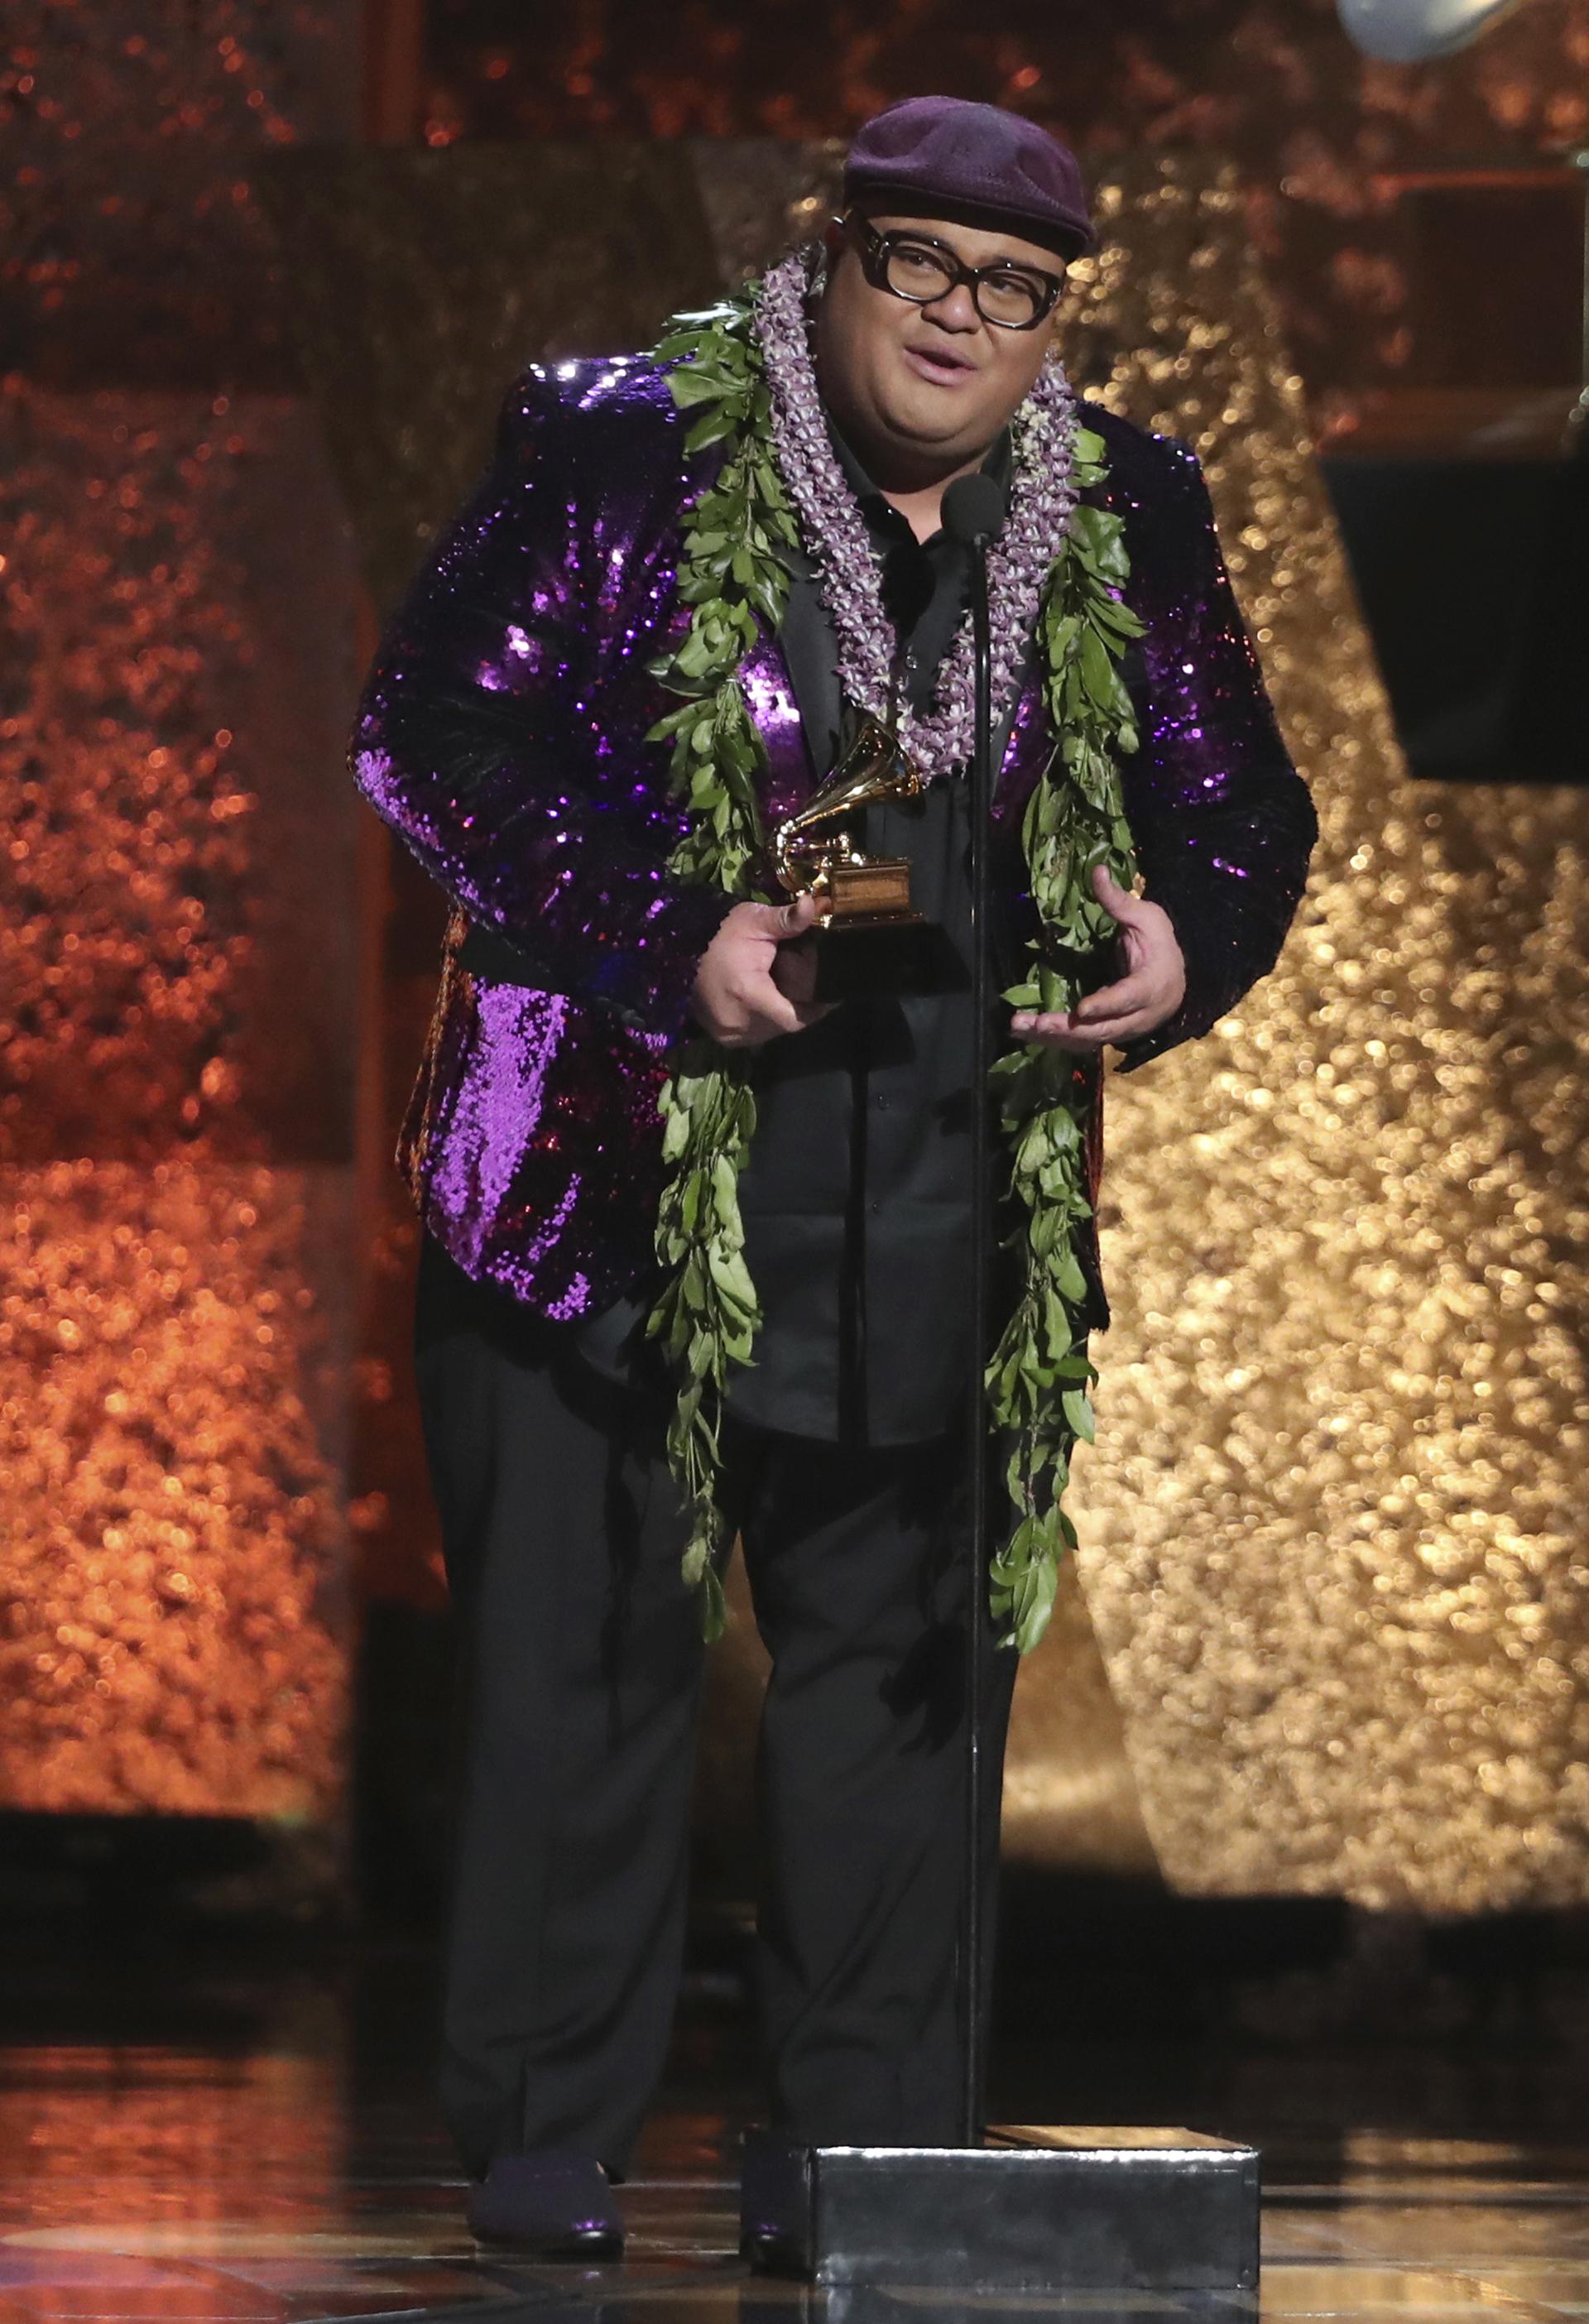 Kalani Pe'a subió al escenario a recibir su estatuilla con un llamativo saco de paillettes violeta con doble collar de flores. Lo completó con una boina de paño en violeta